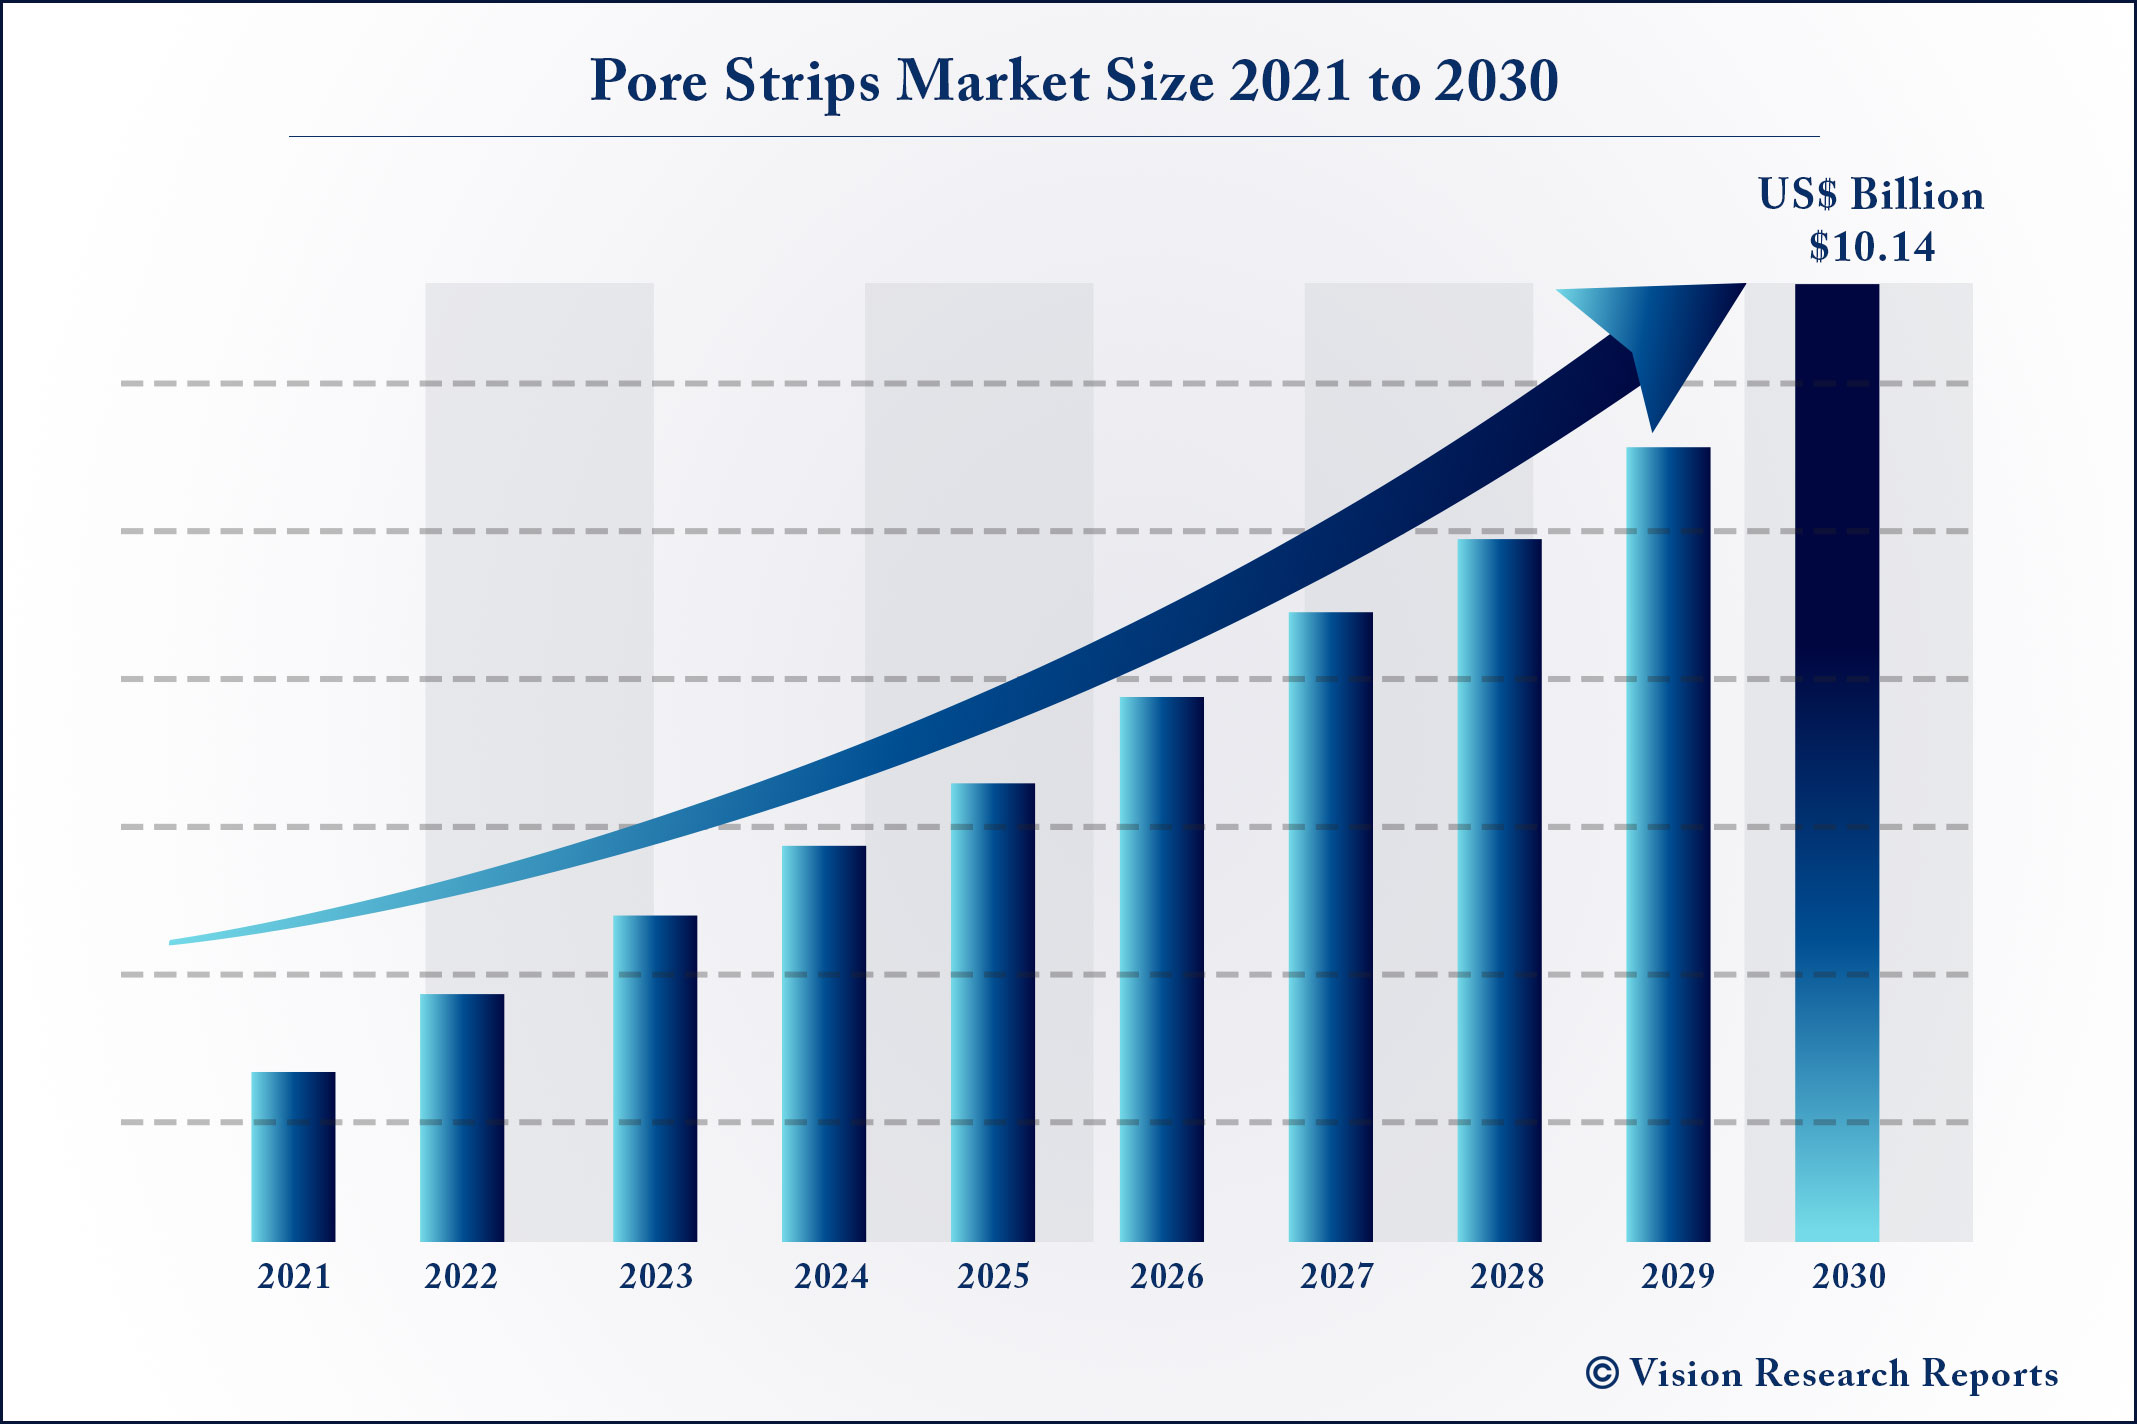 Pore Strips Market Size 2021 to 2030